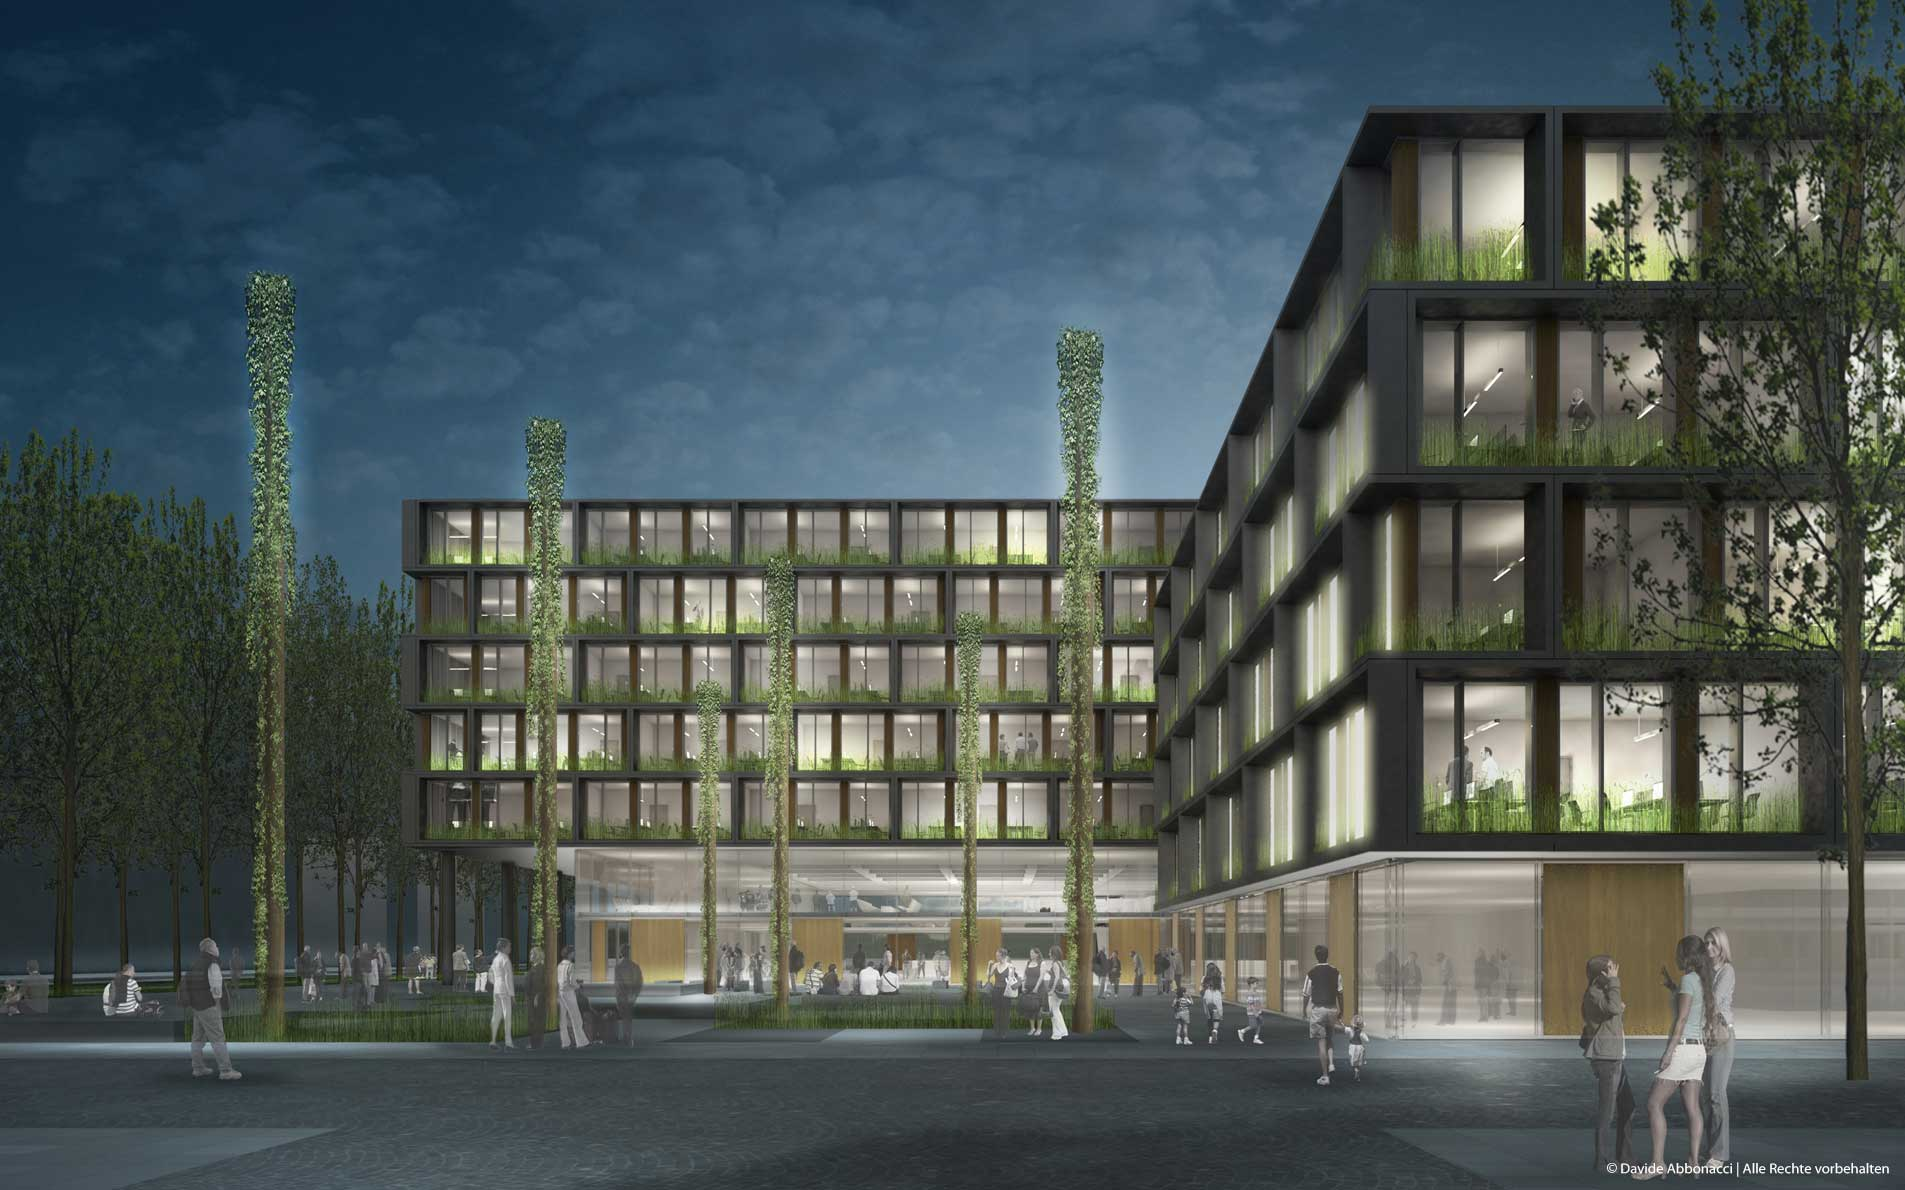 Neubau Verwaltungsbau, Stadt Freiburg | gmp Architekten von Gerkan, Marg und Partner | 2013 Wettbewerbsvisualisierung